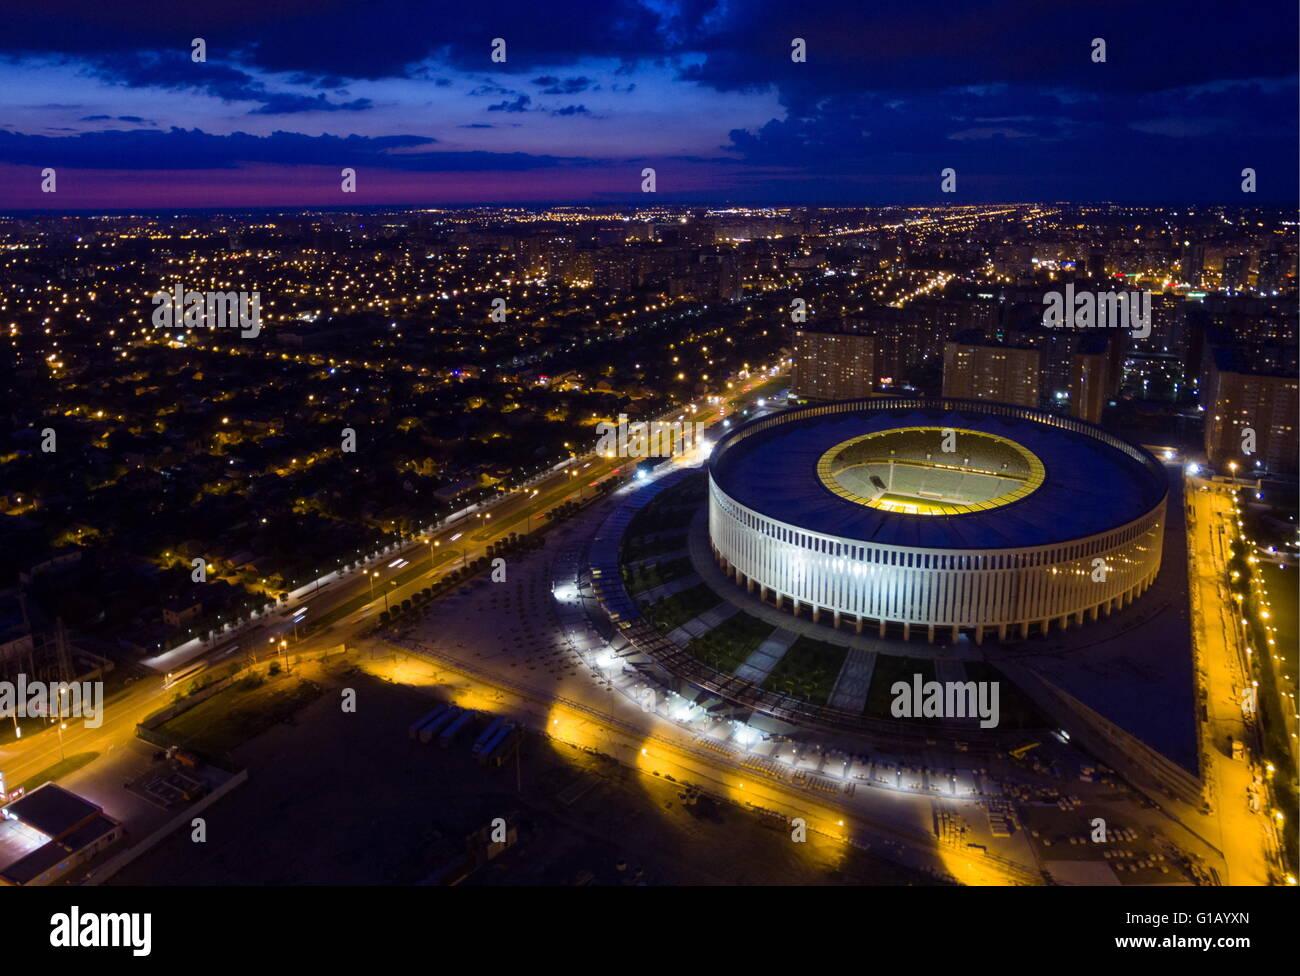 KRASNODAR, RUSSLAND. 8. MAI 2016. Ein Blick auf Krasnodar Stadion. Vitaly Timkiv/TASS Stockbild